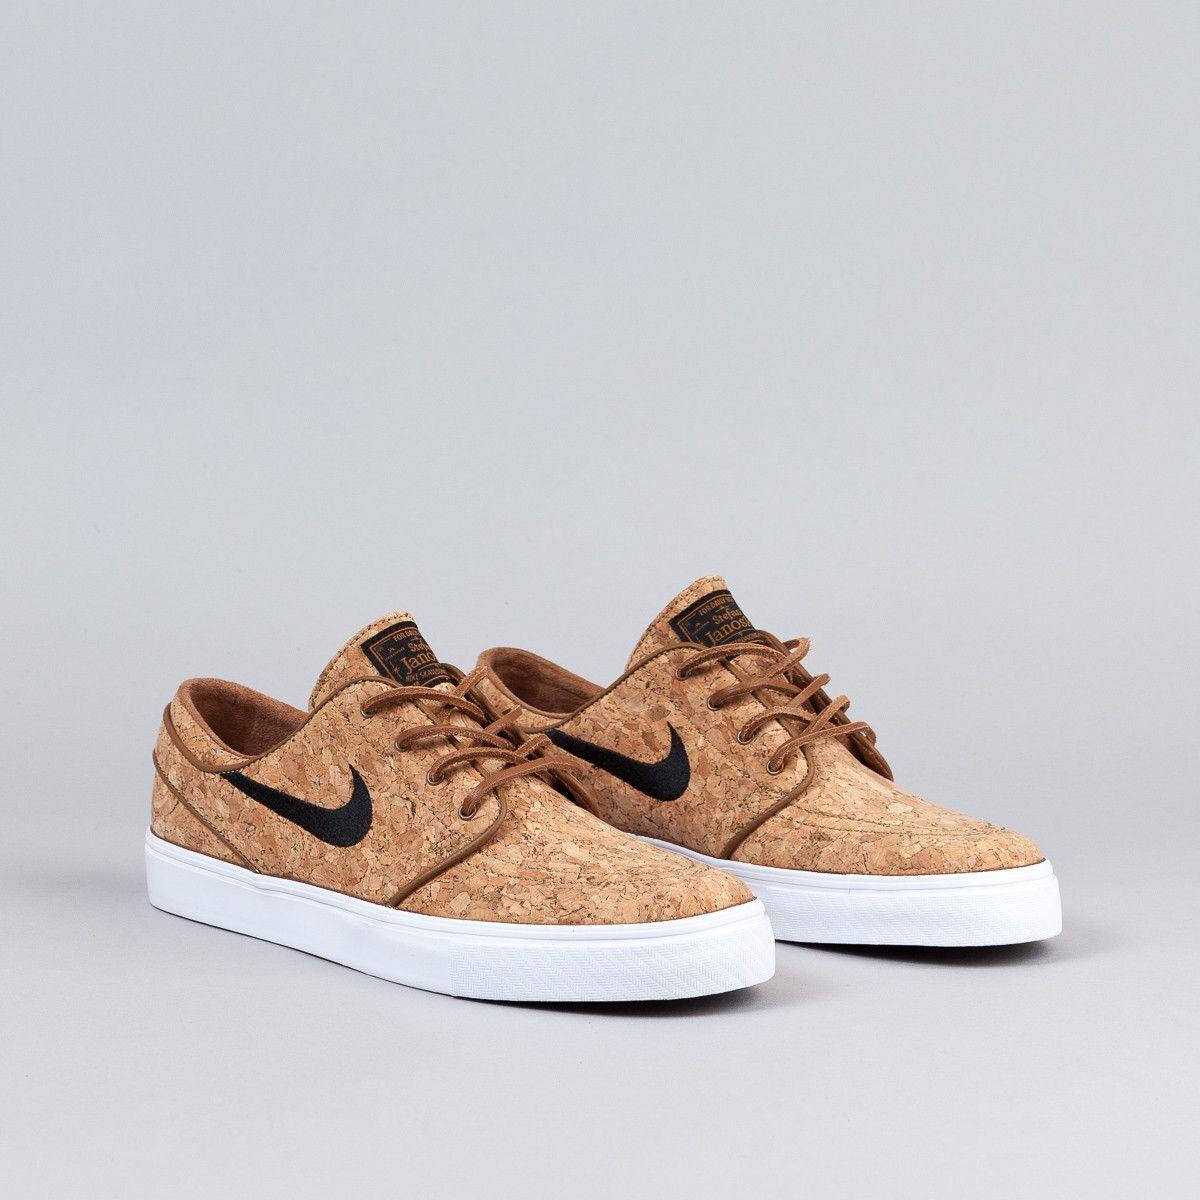 ed7b911235aba Nike SB Stefan Janoski Elite Shoes (Cork) - Ale Brown   Black   White